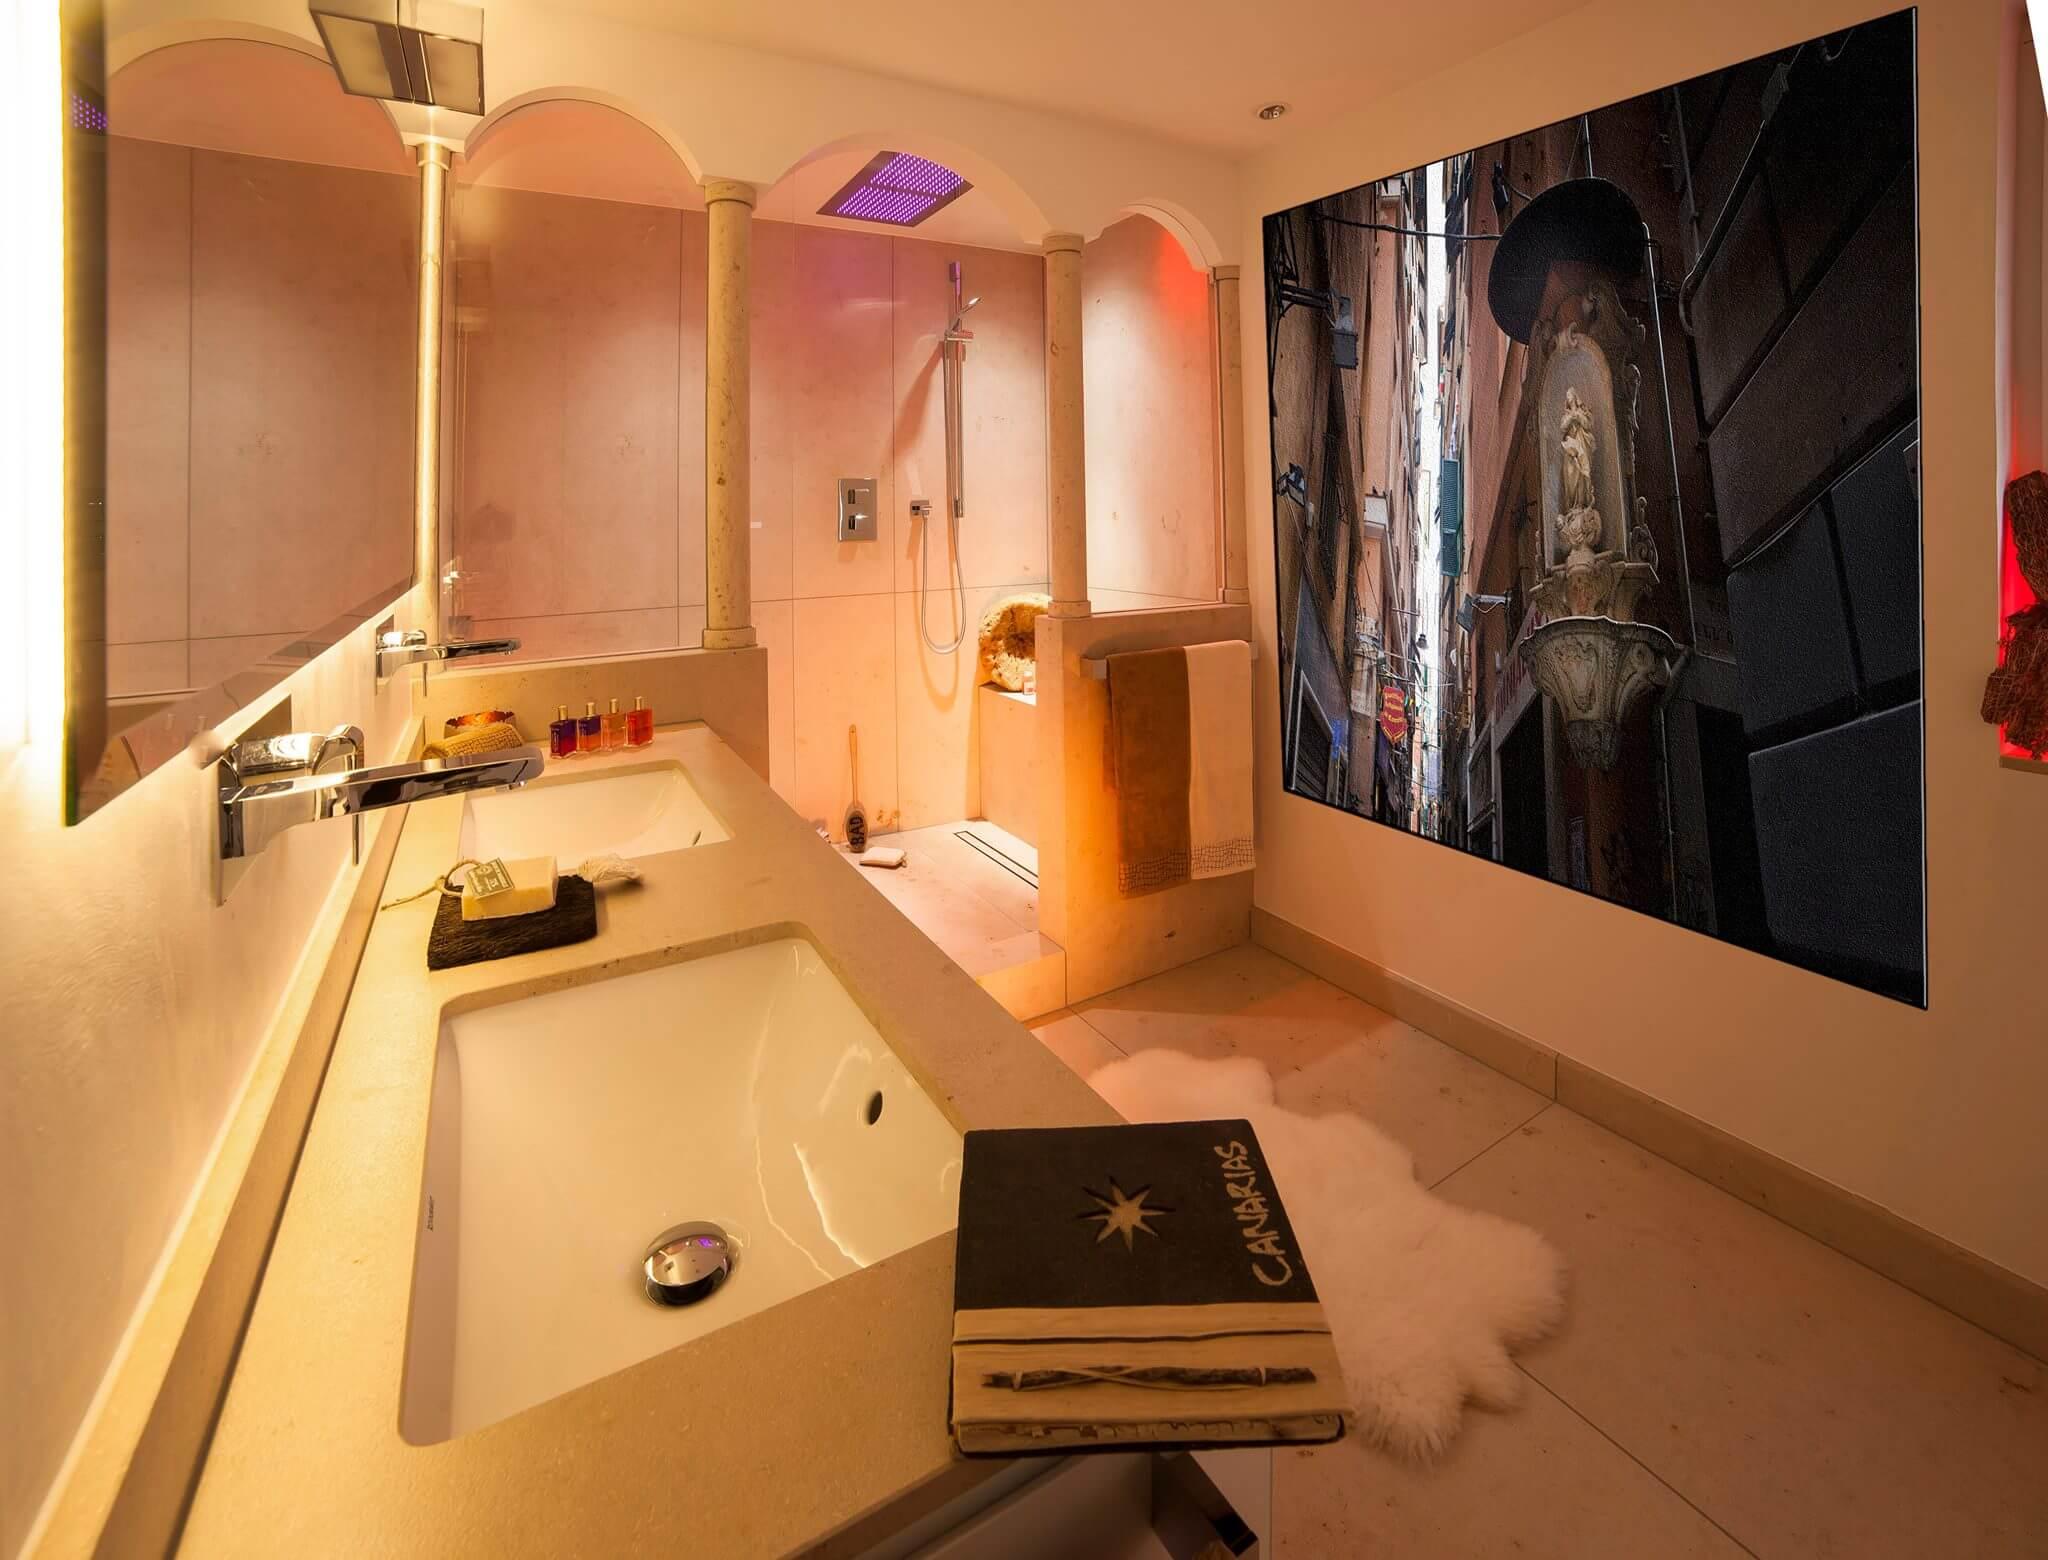 Regendusche oder Duschen im Monsun-Regen mit dem Spa und Bad Designer Torsten Müller